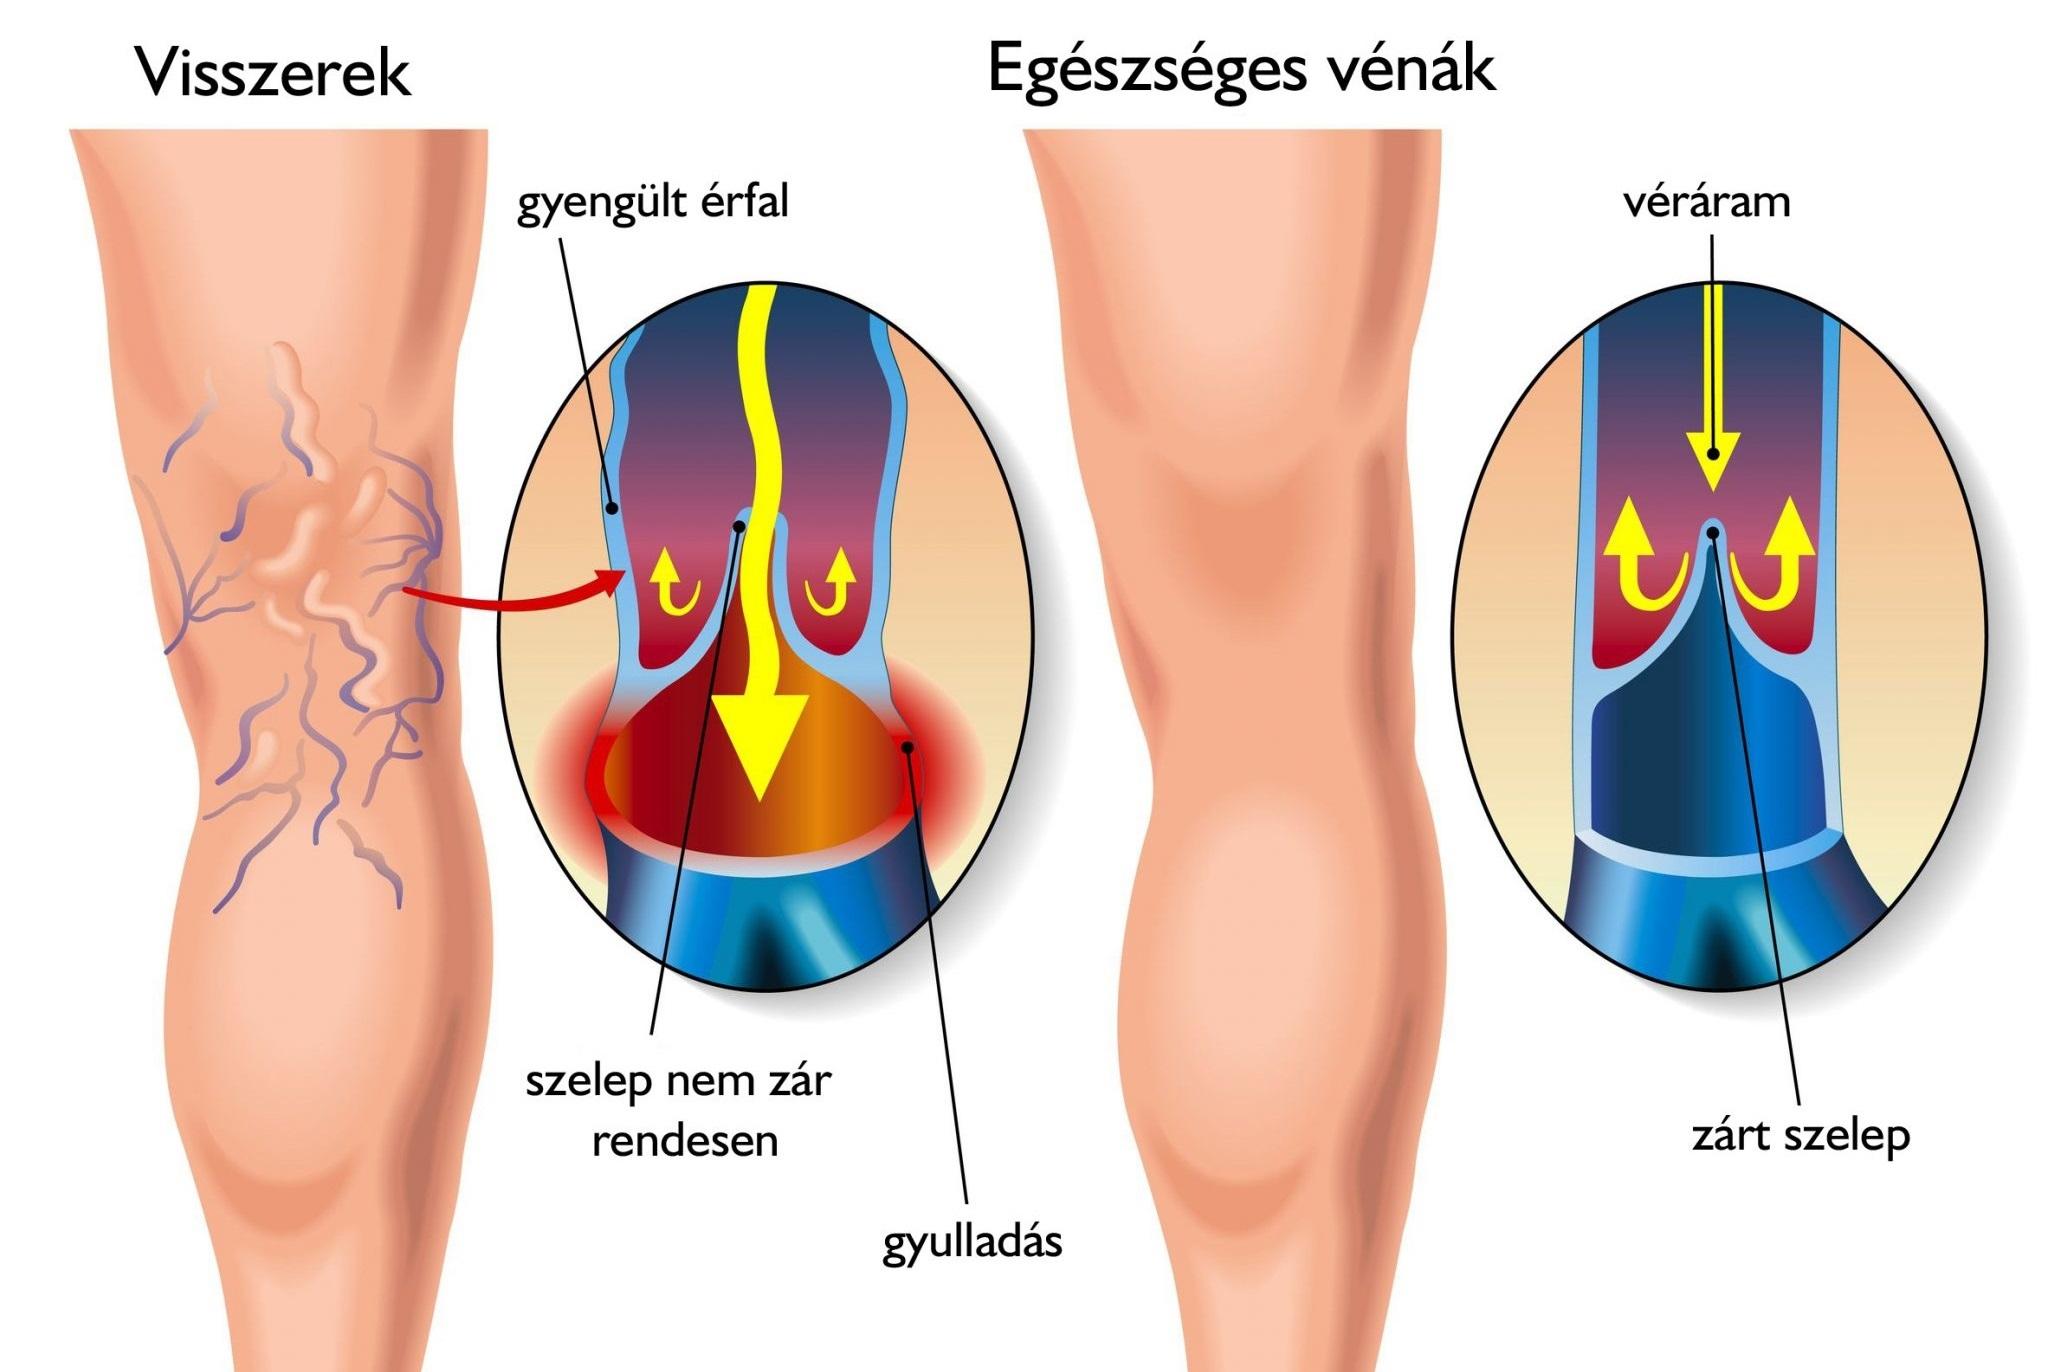 a böjt gyógyítja a visszér visszéreket a lábakon